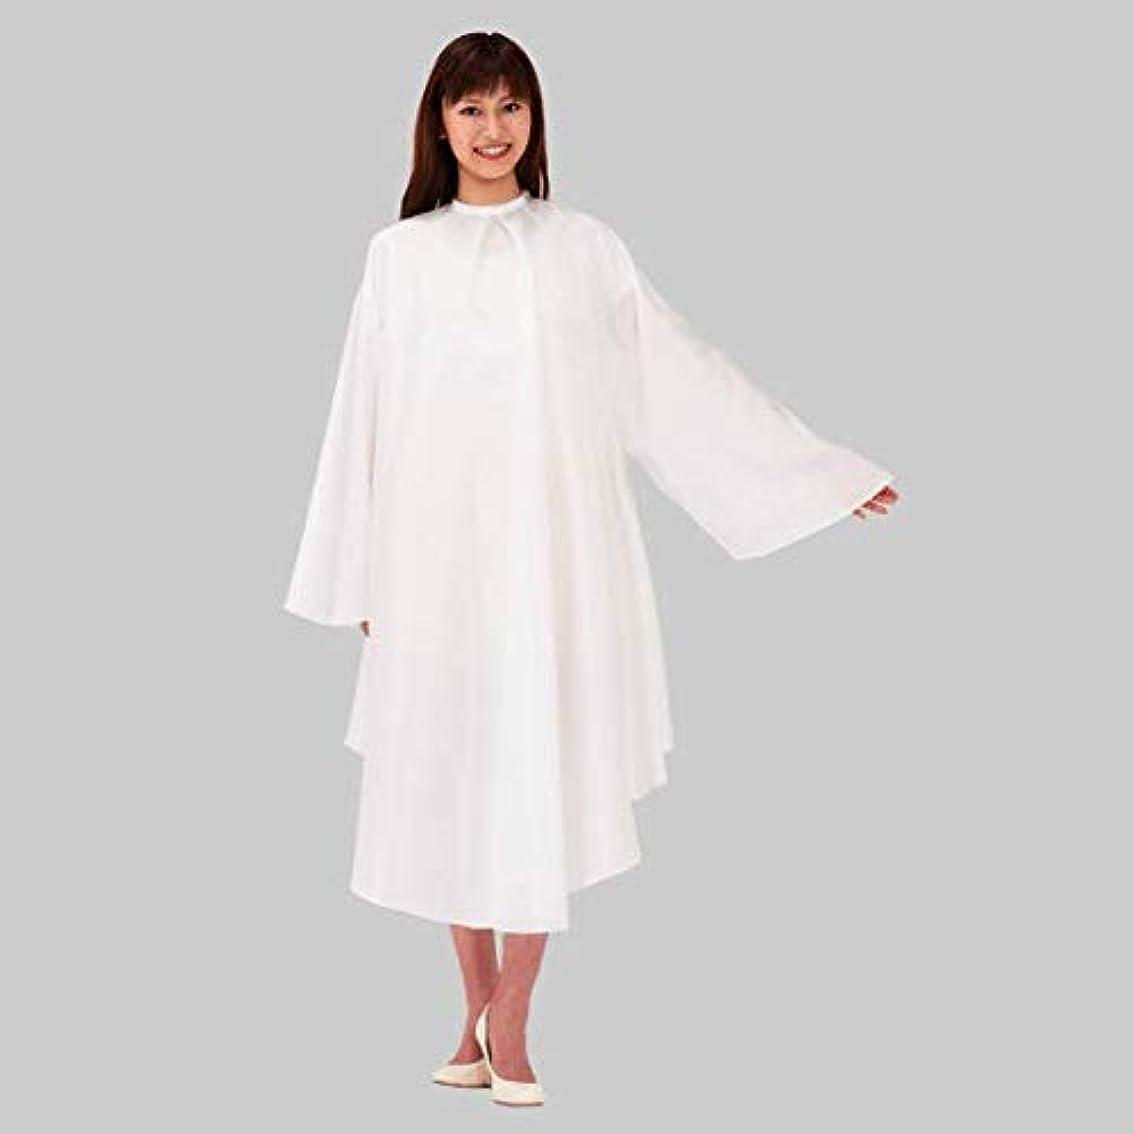 名前でおとなしい勝利カトレア 2210 ホワイト ソフティ袖付刈布